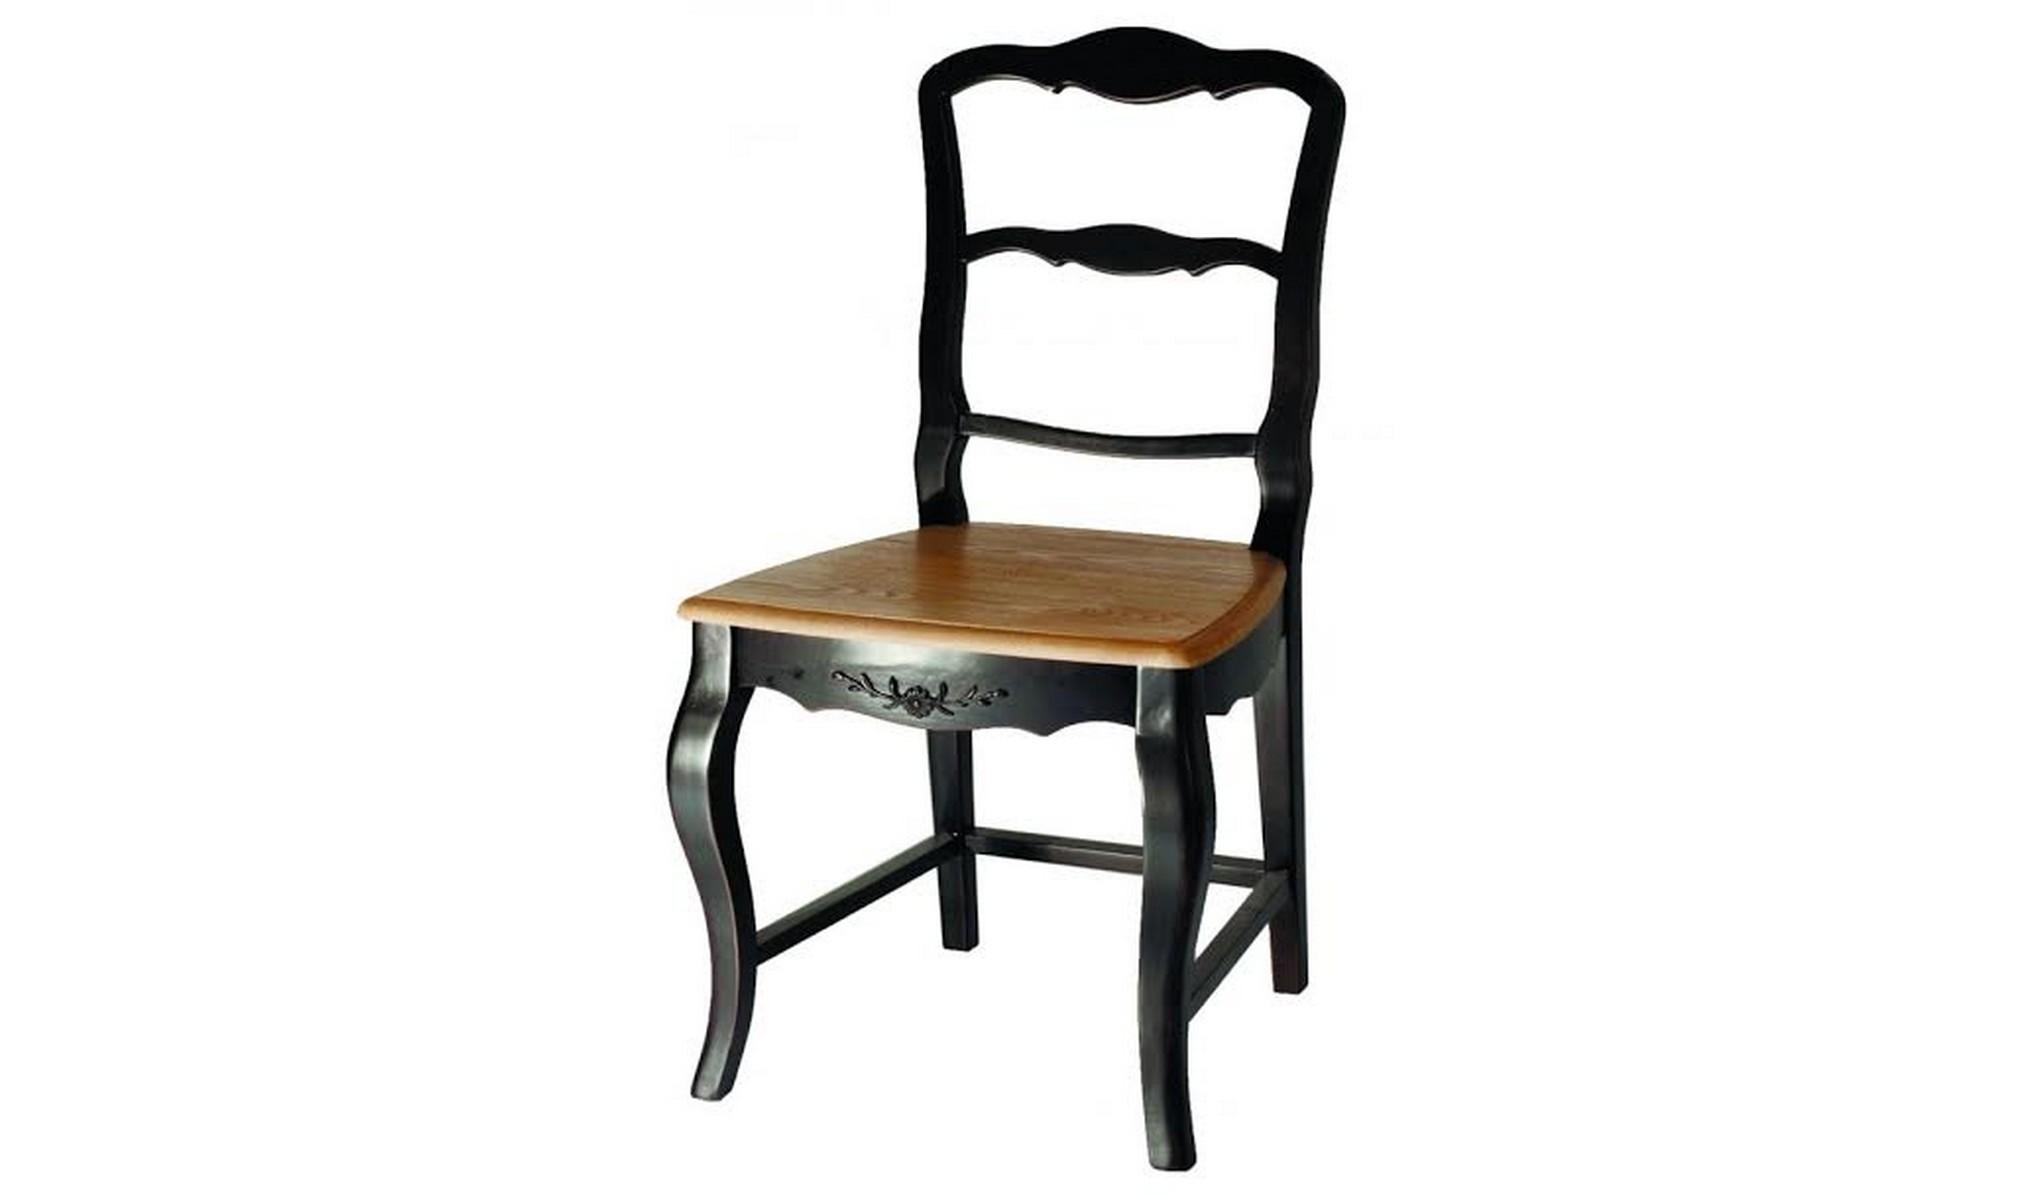 стулОбеденные стулья<br><br><br>Material: Дерево<br>Length см: 46<br>Width см: 46<br>Height см: 91